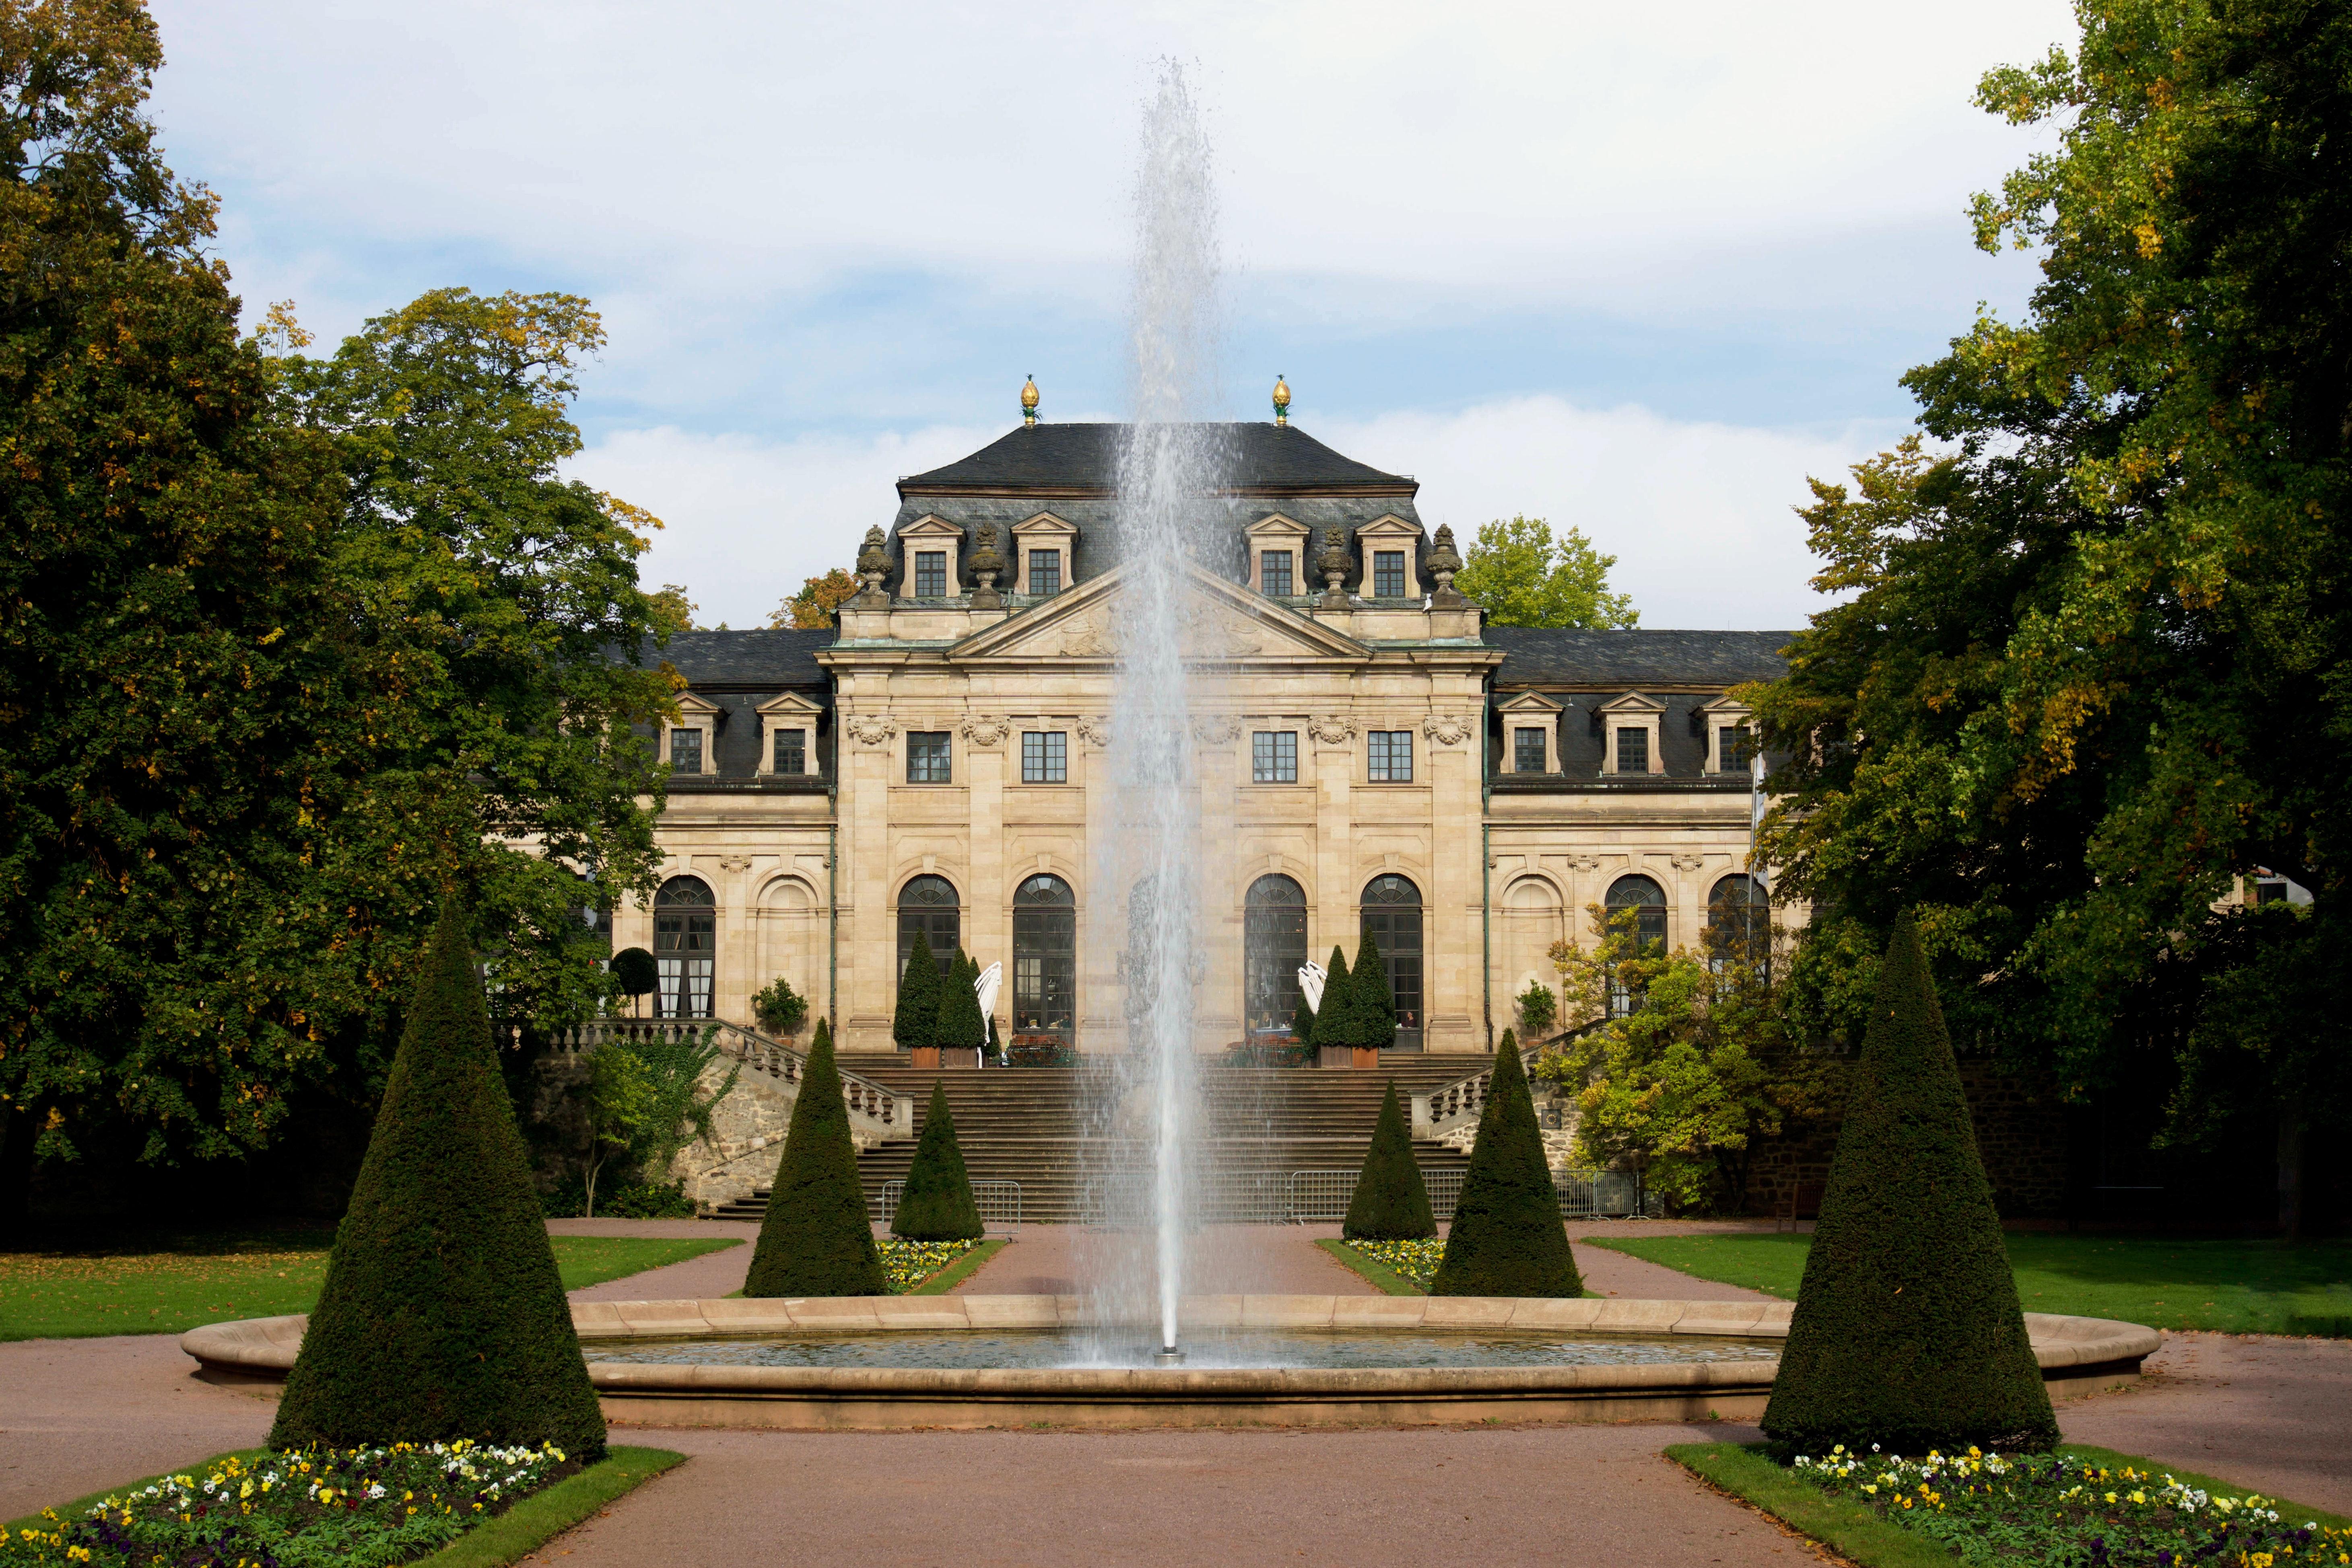 park-historical-castle-fountain-87378